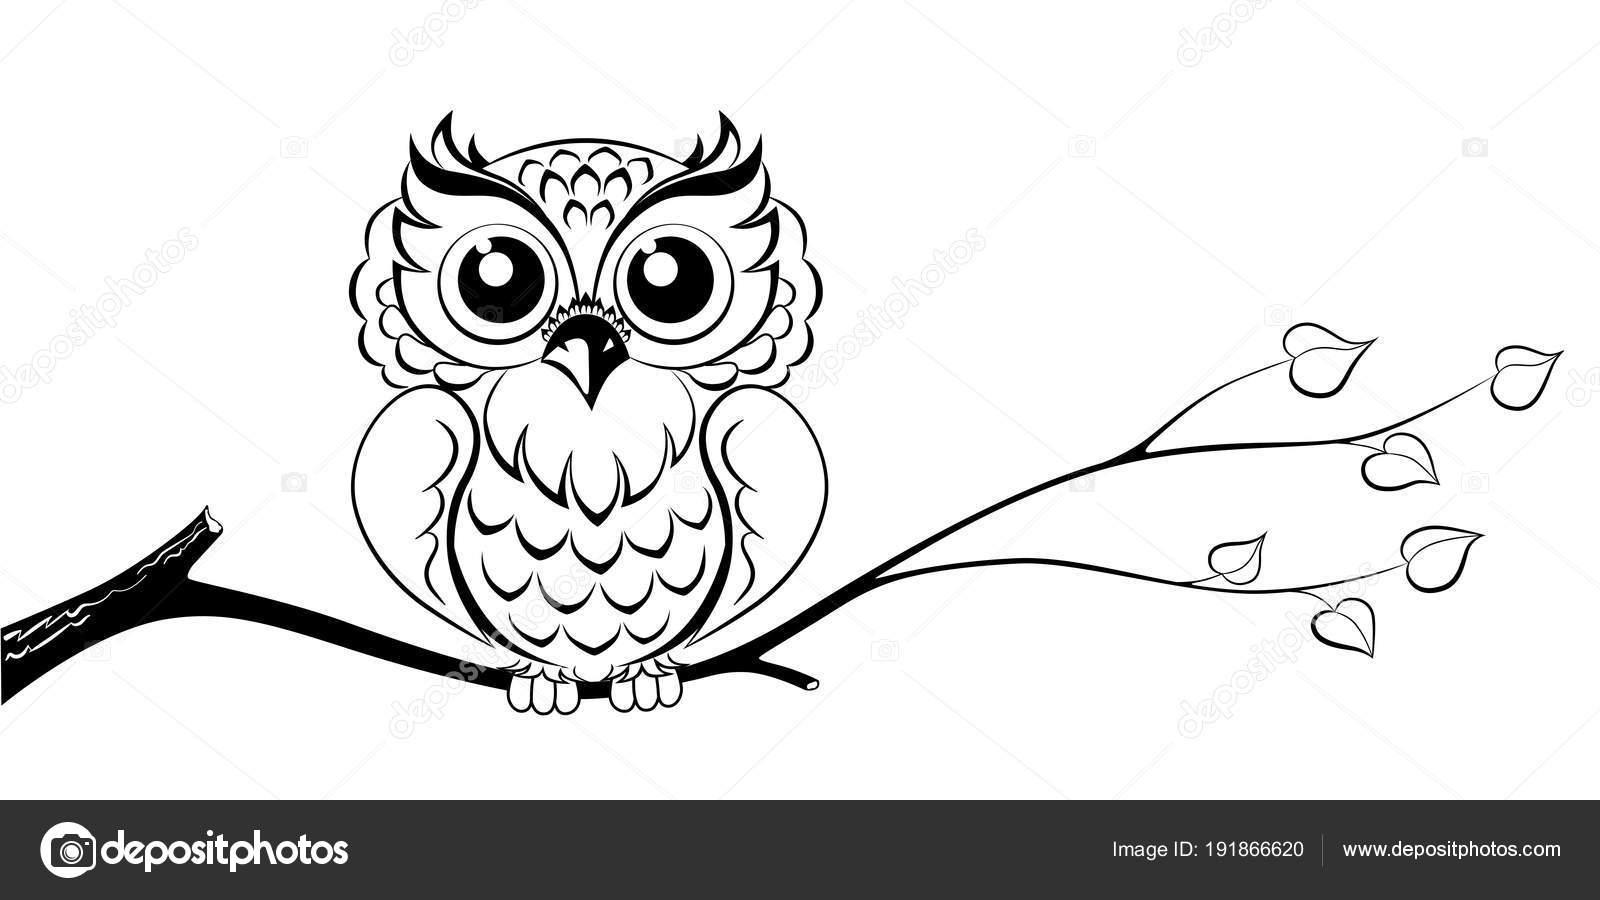 Owl Branch Abstract Vector Clip Art — Stock Vector ...